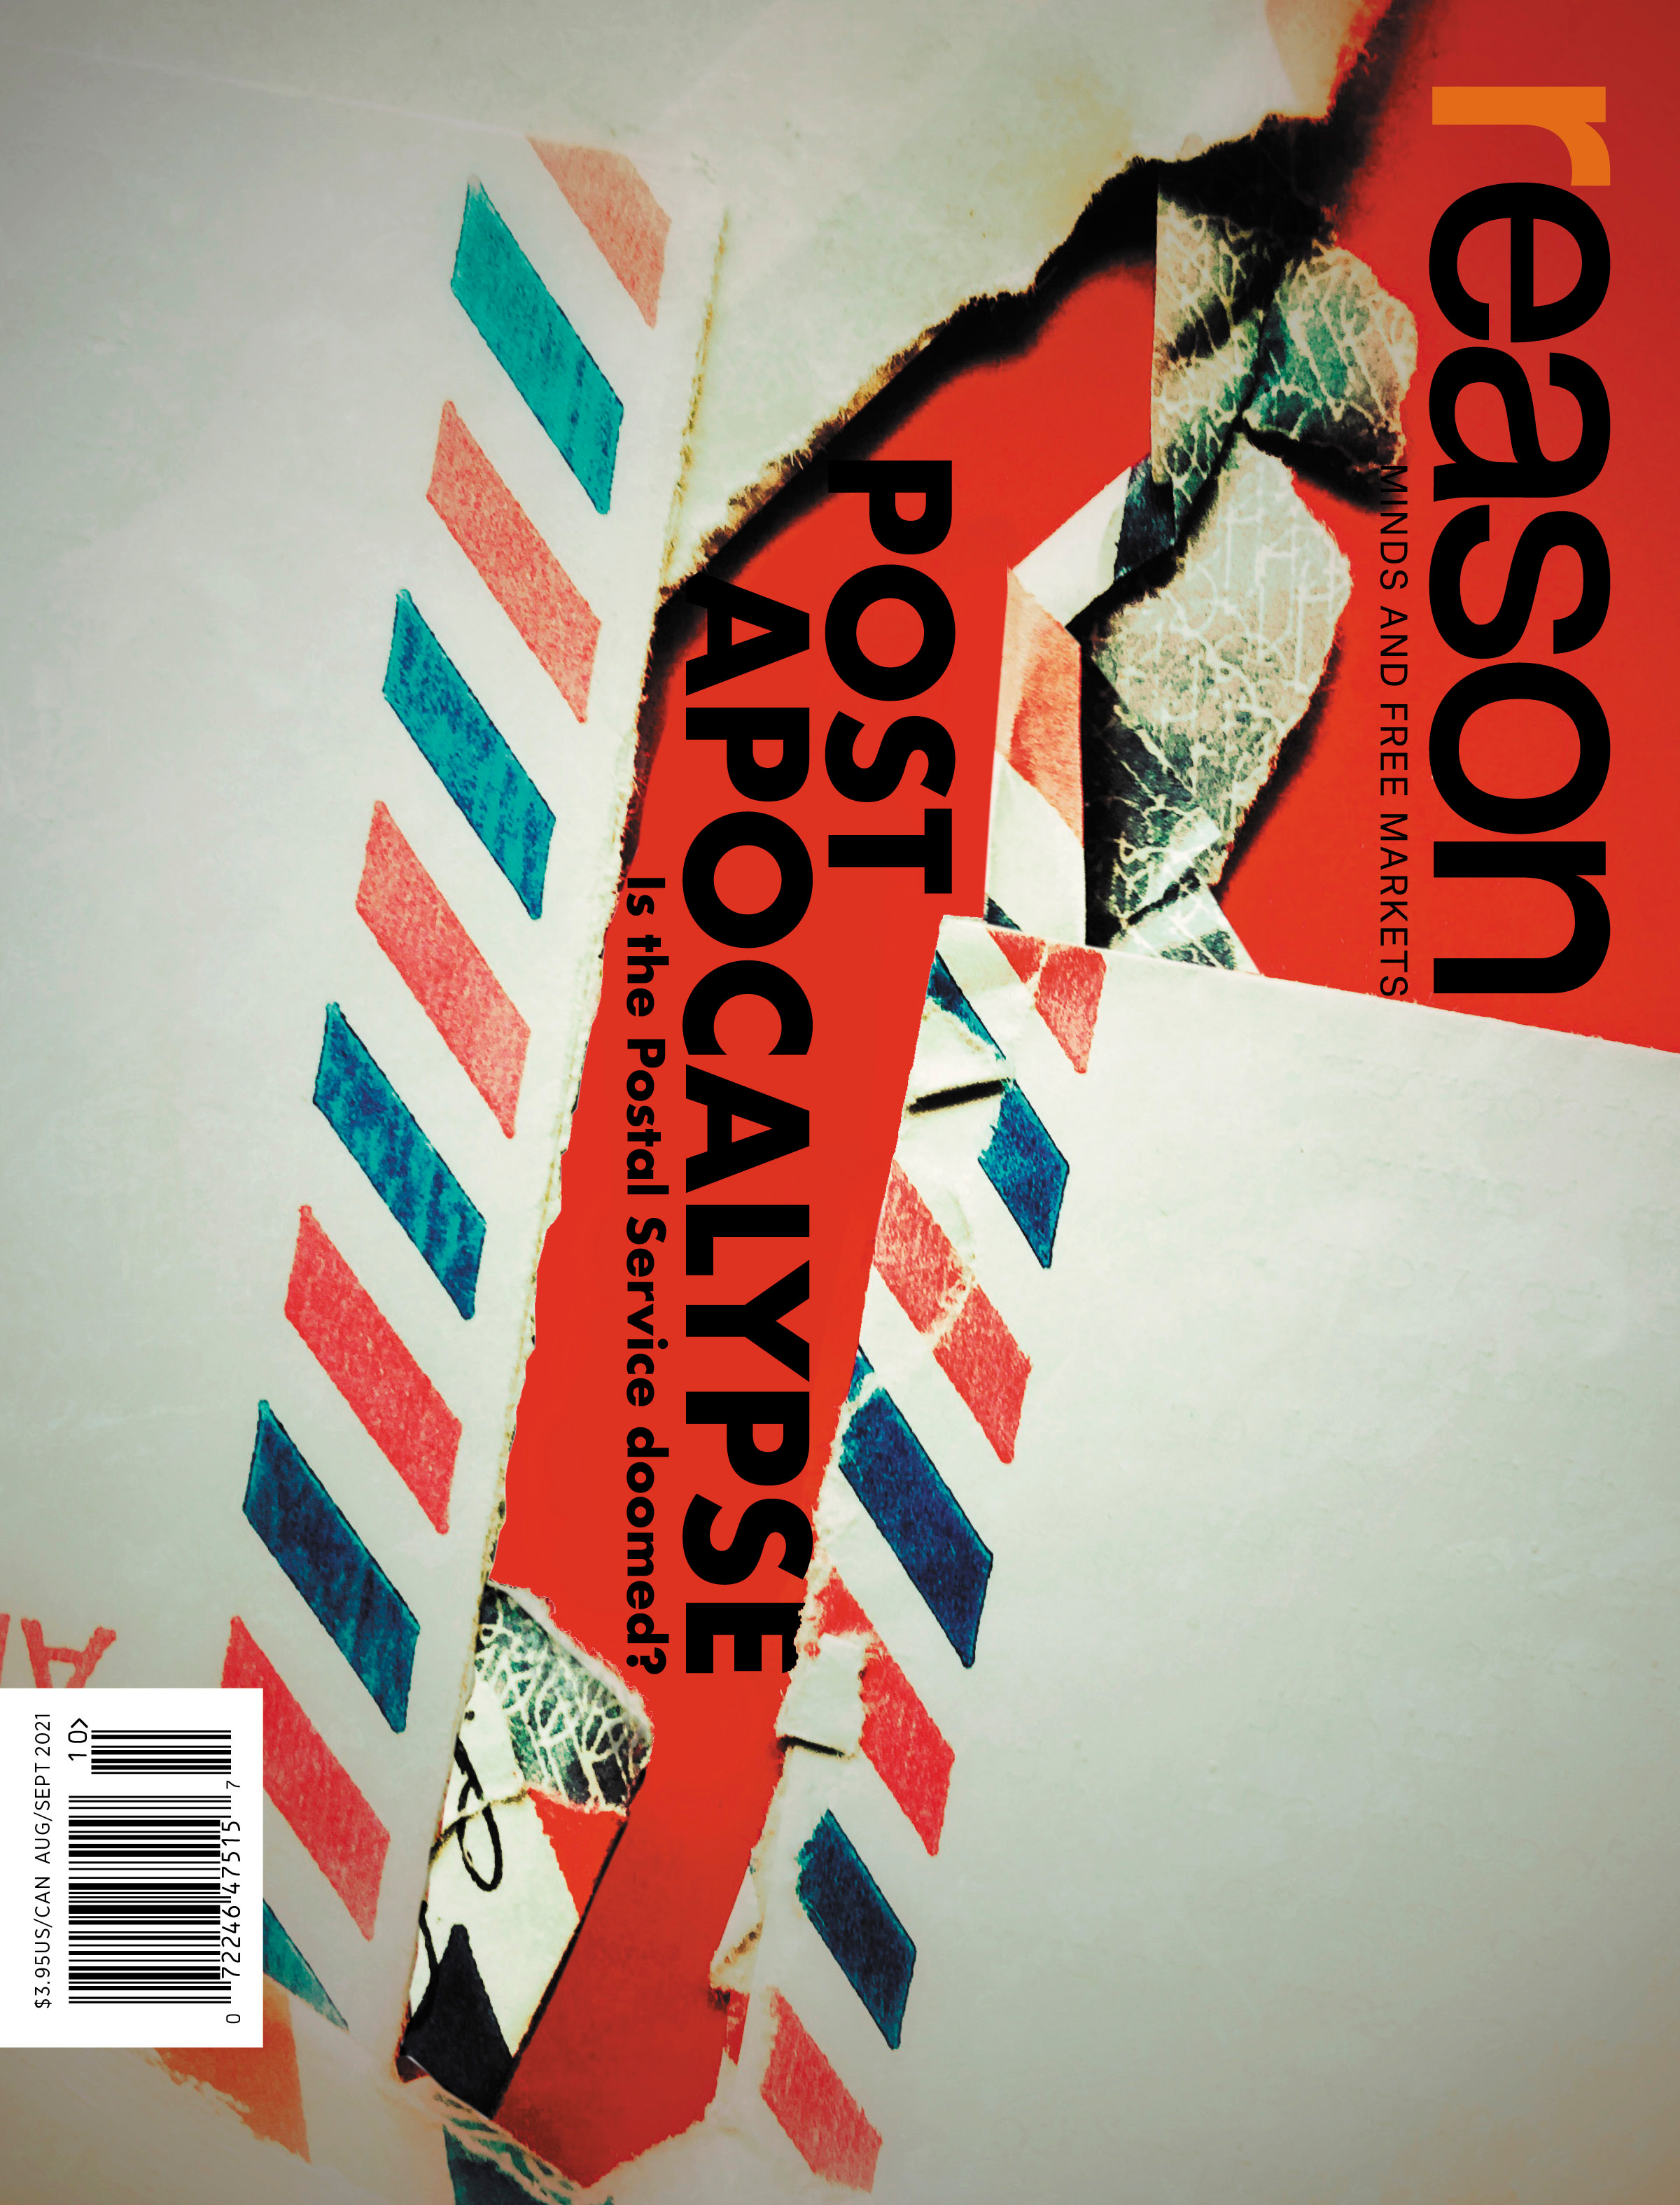 Reason Magazine, August/September 2021 cover image